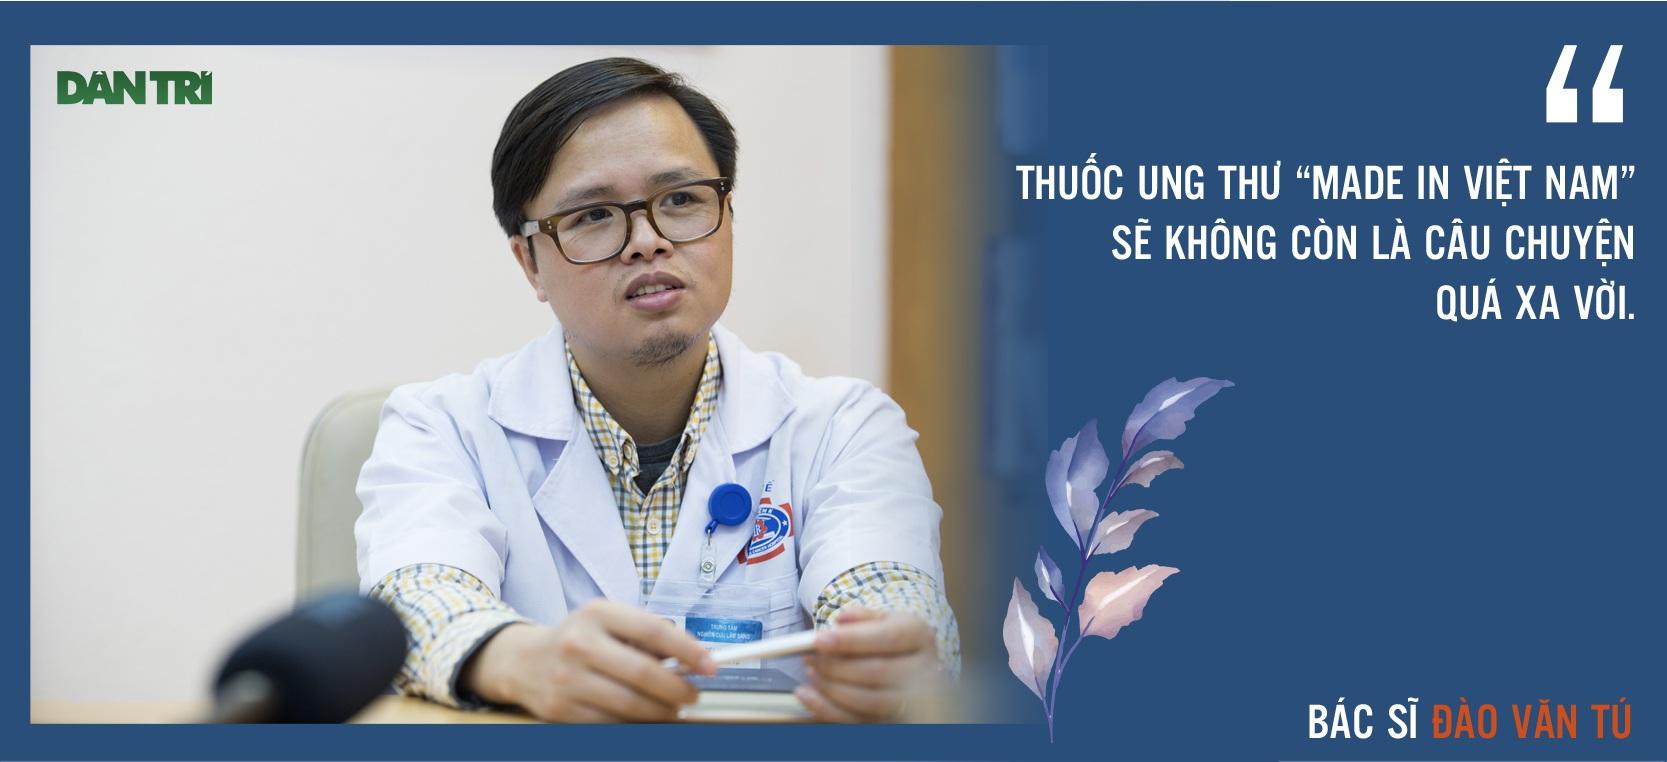 Ám ảnh phút mẫu tử chia lìa và khát khao thuốc ung thư Made in Vietnam - 8